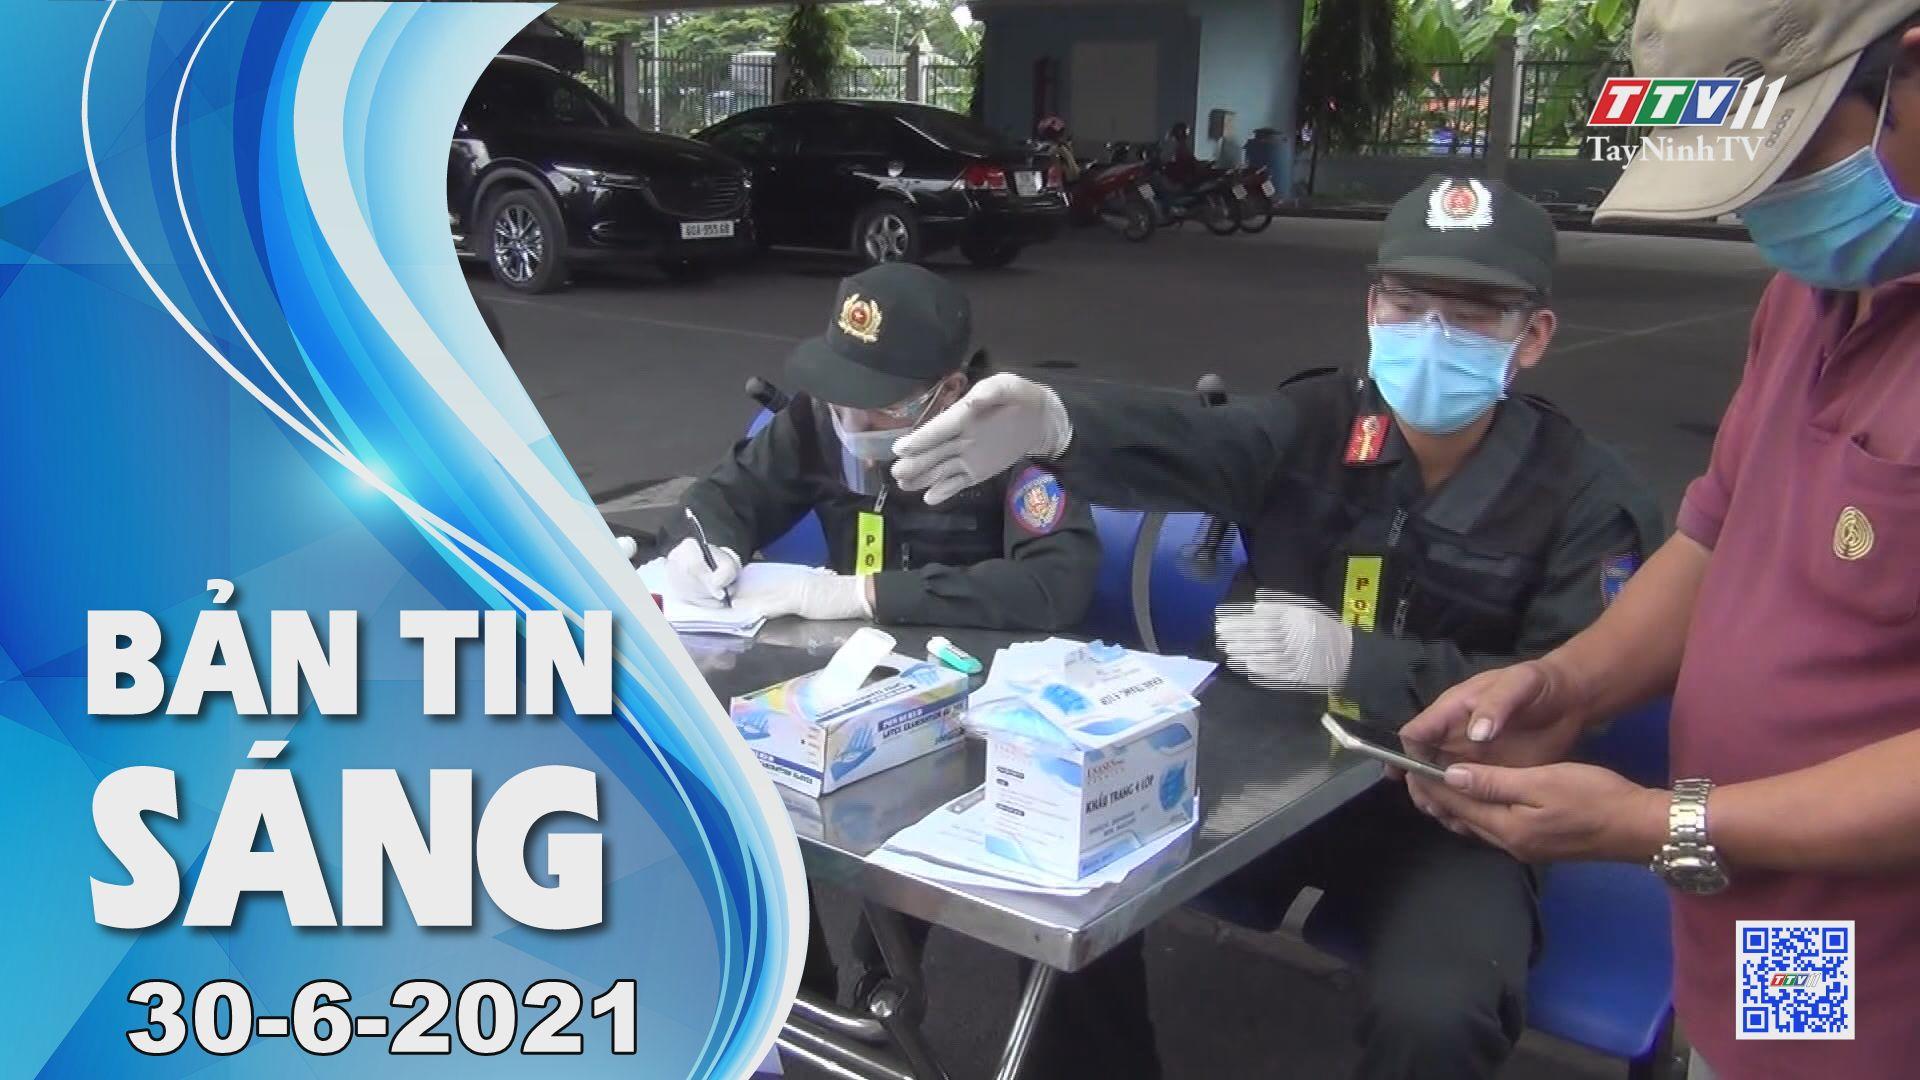 Bản tin sáng 30-6-2021   Tin tức hôm nay   TayNinhTV